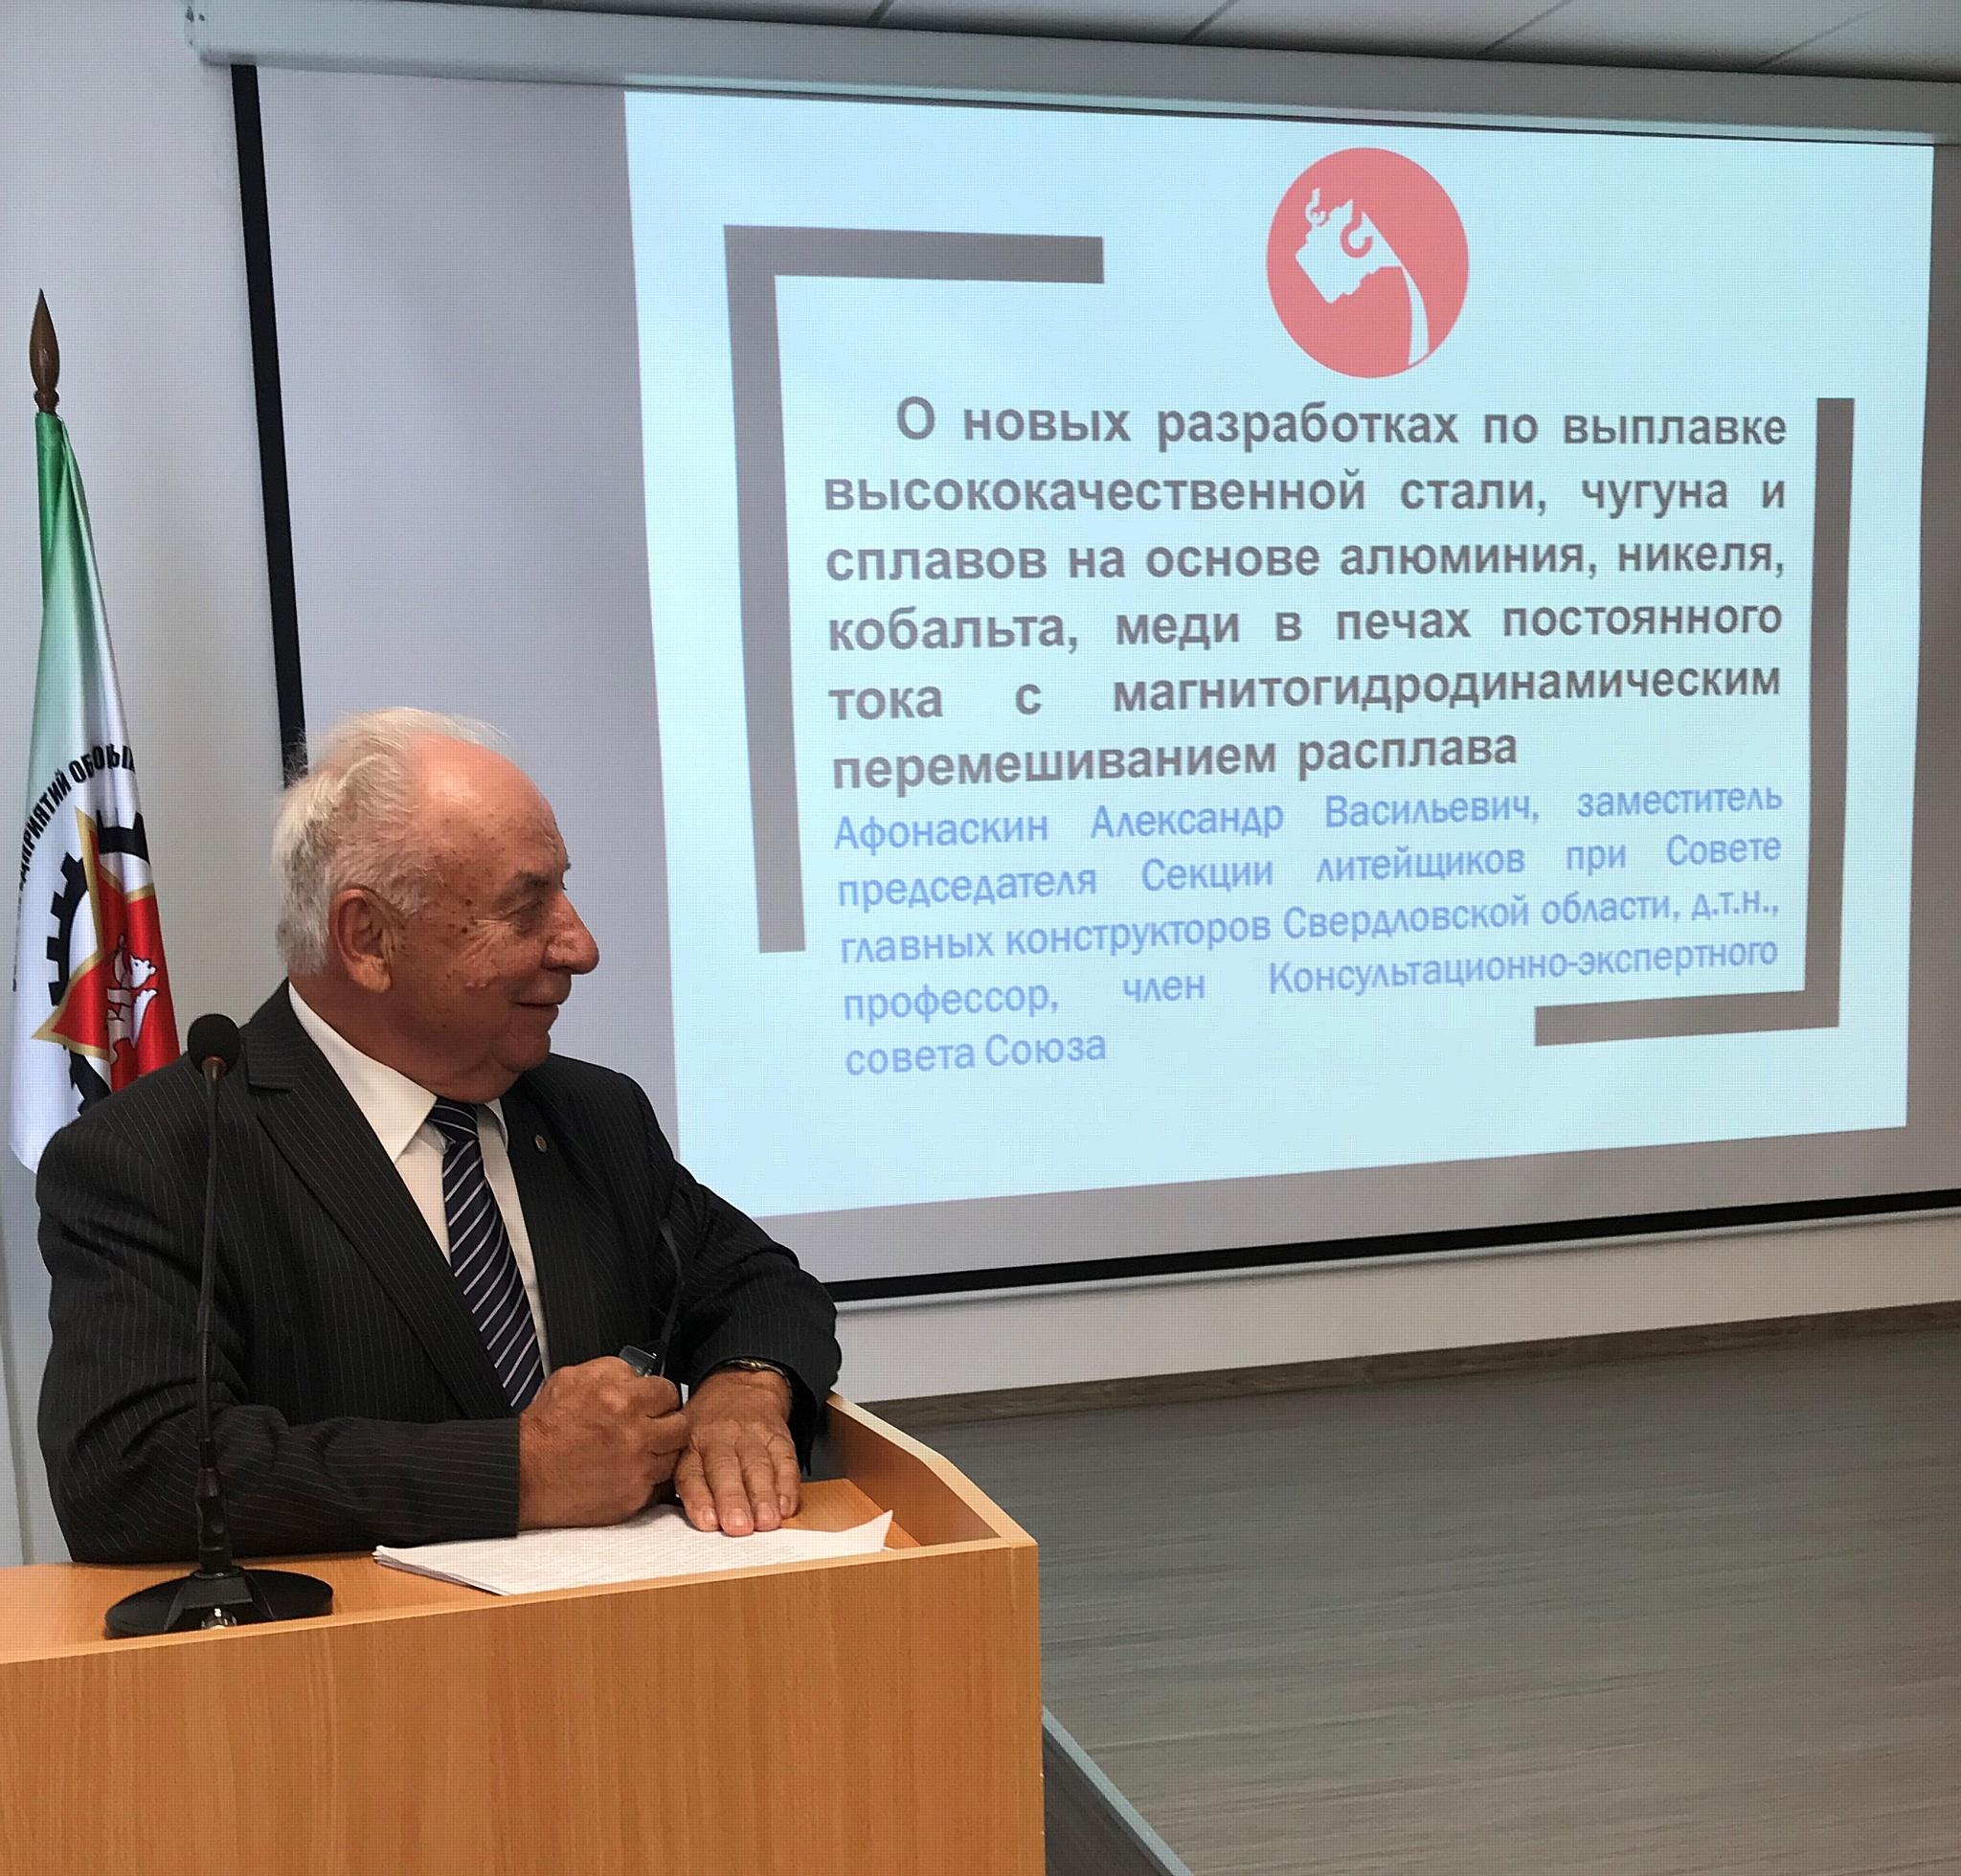 Предприятие АО «УПКБ «Деталь» отметило 70-летний юбилей